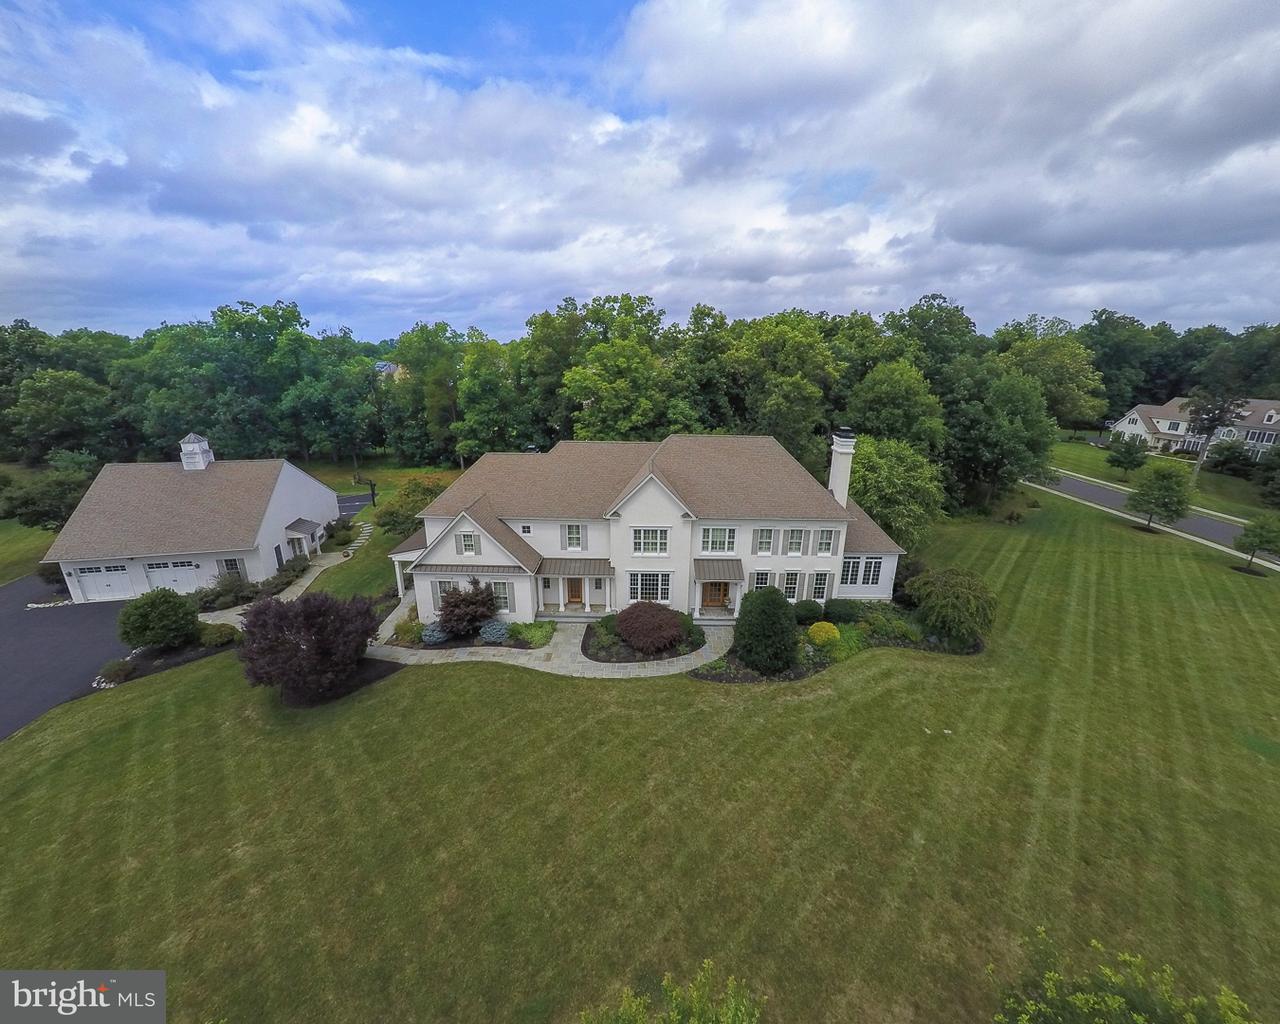 Частный односемейный дом для того Продажа на 900 ASHBOURNE WAY Harleysville, Пенсильвания 19438 Соединенные Штаты